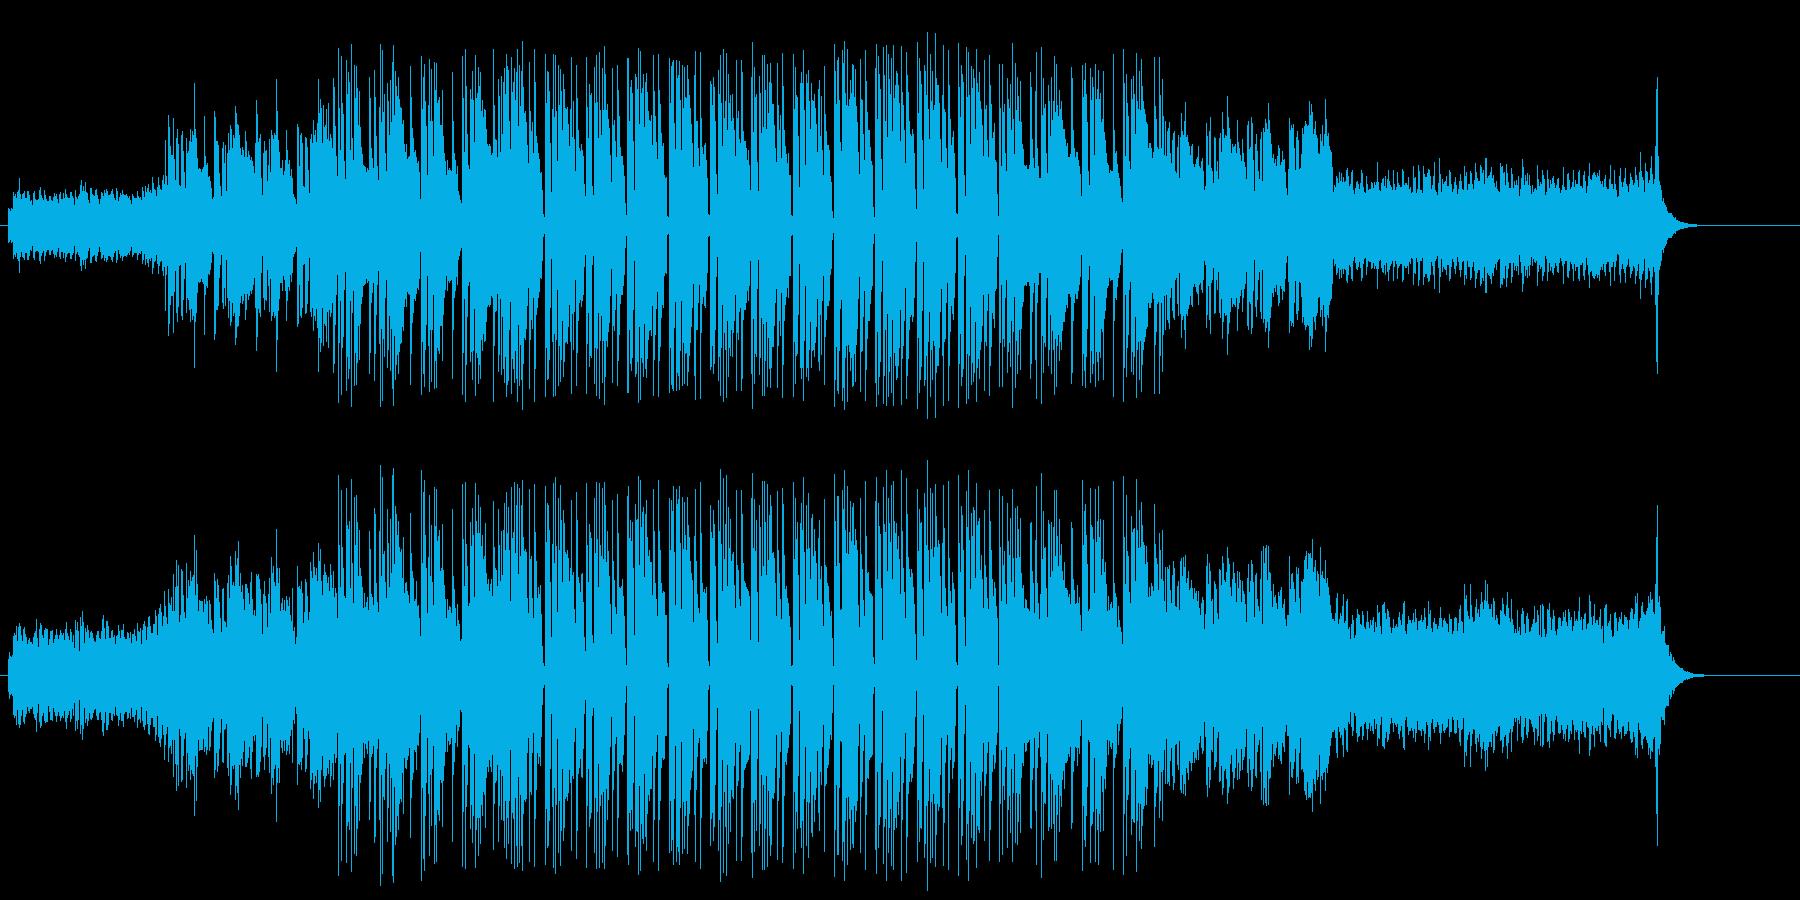 怪しげなマイナー・エレクトリックBGMの再生済みの波形